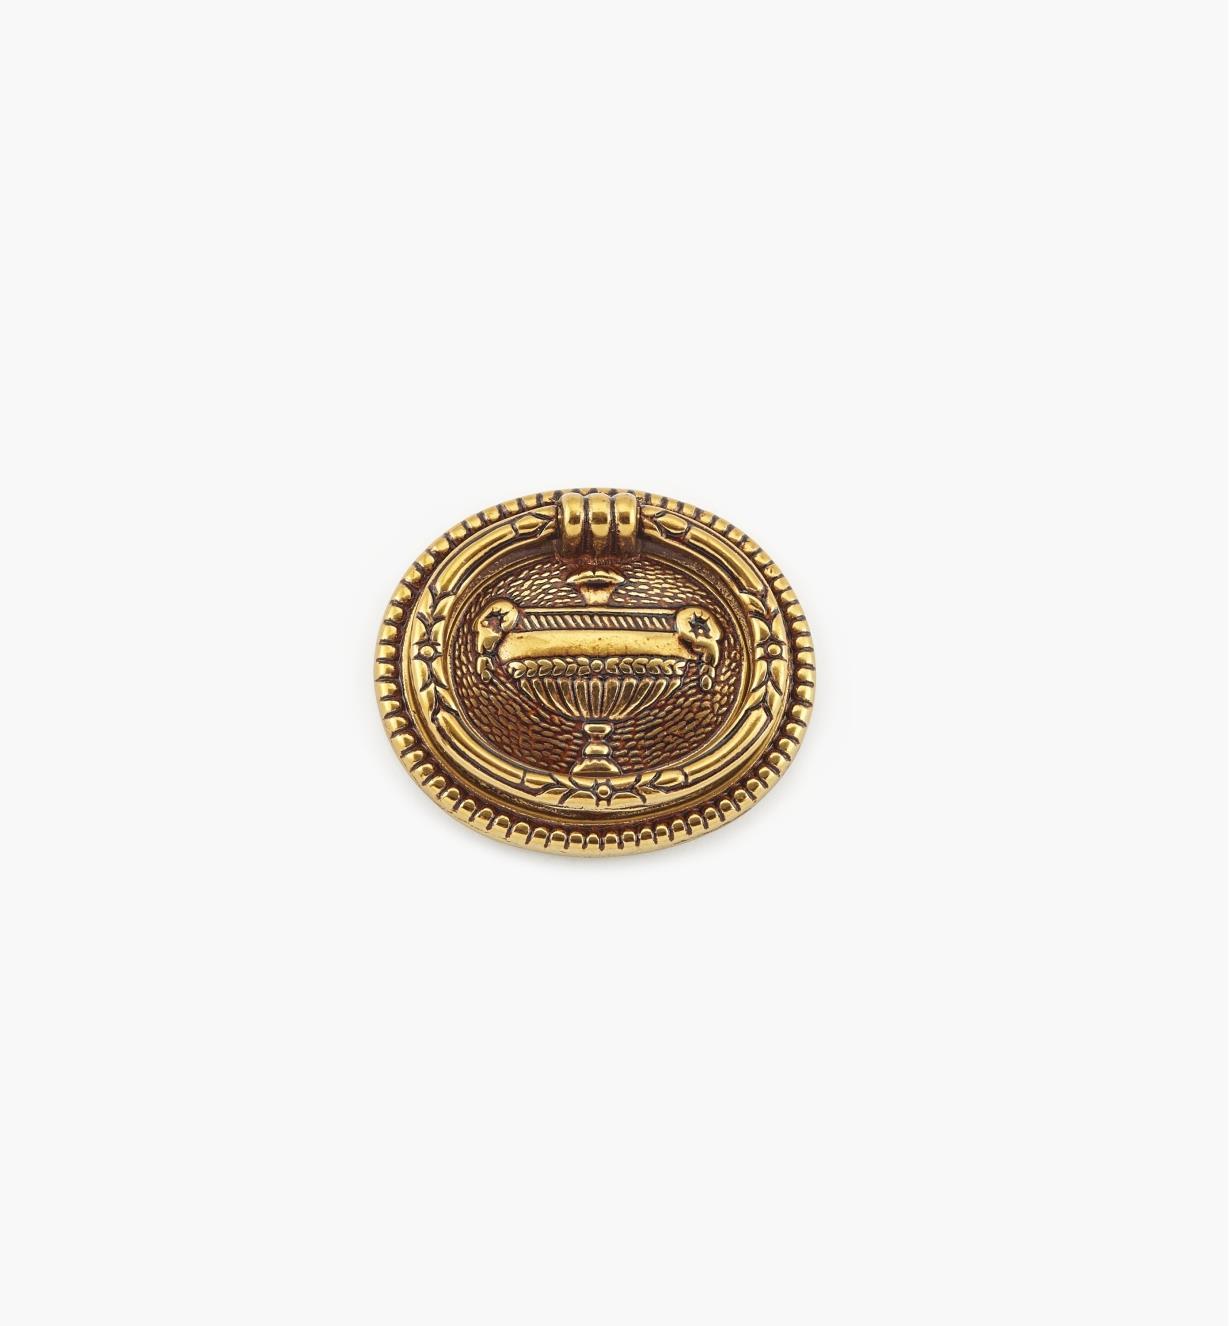 01A7350 - Poignée à anneau ovale de 50mm x 43mm, quincaillerie Louis XVI, série V